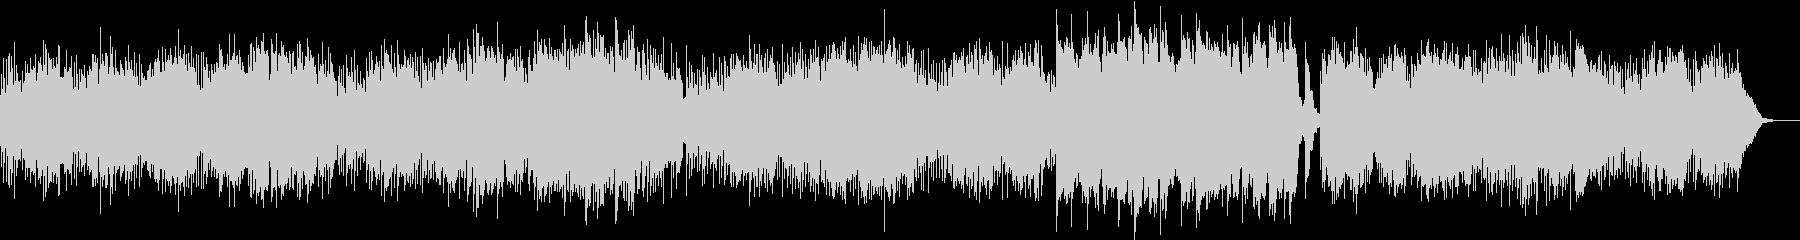 「エリーゼのために」をオルゴールの音色での未再生の波形